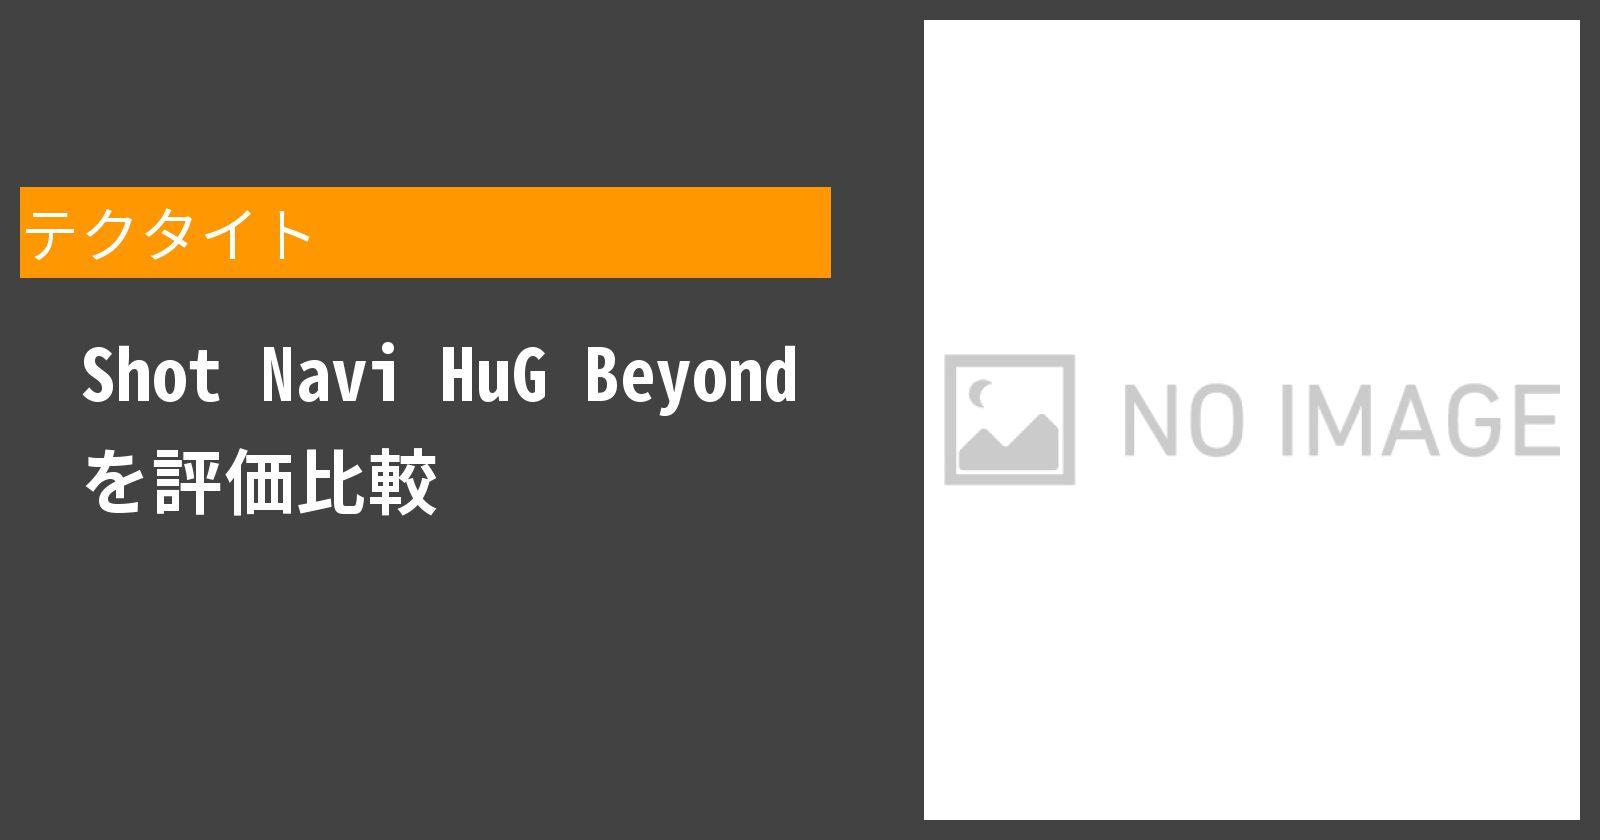 Shot Navi HuG Beyondを徹底評価